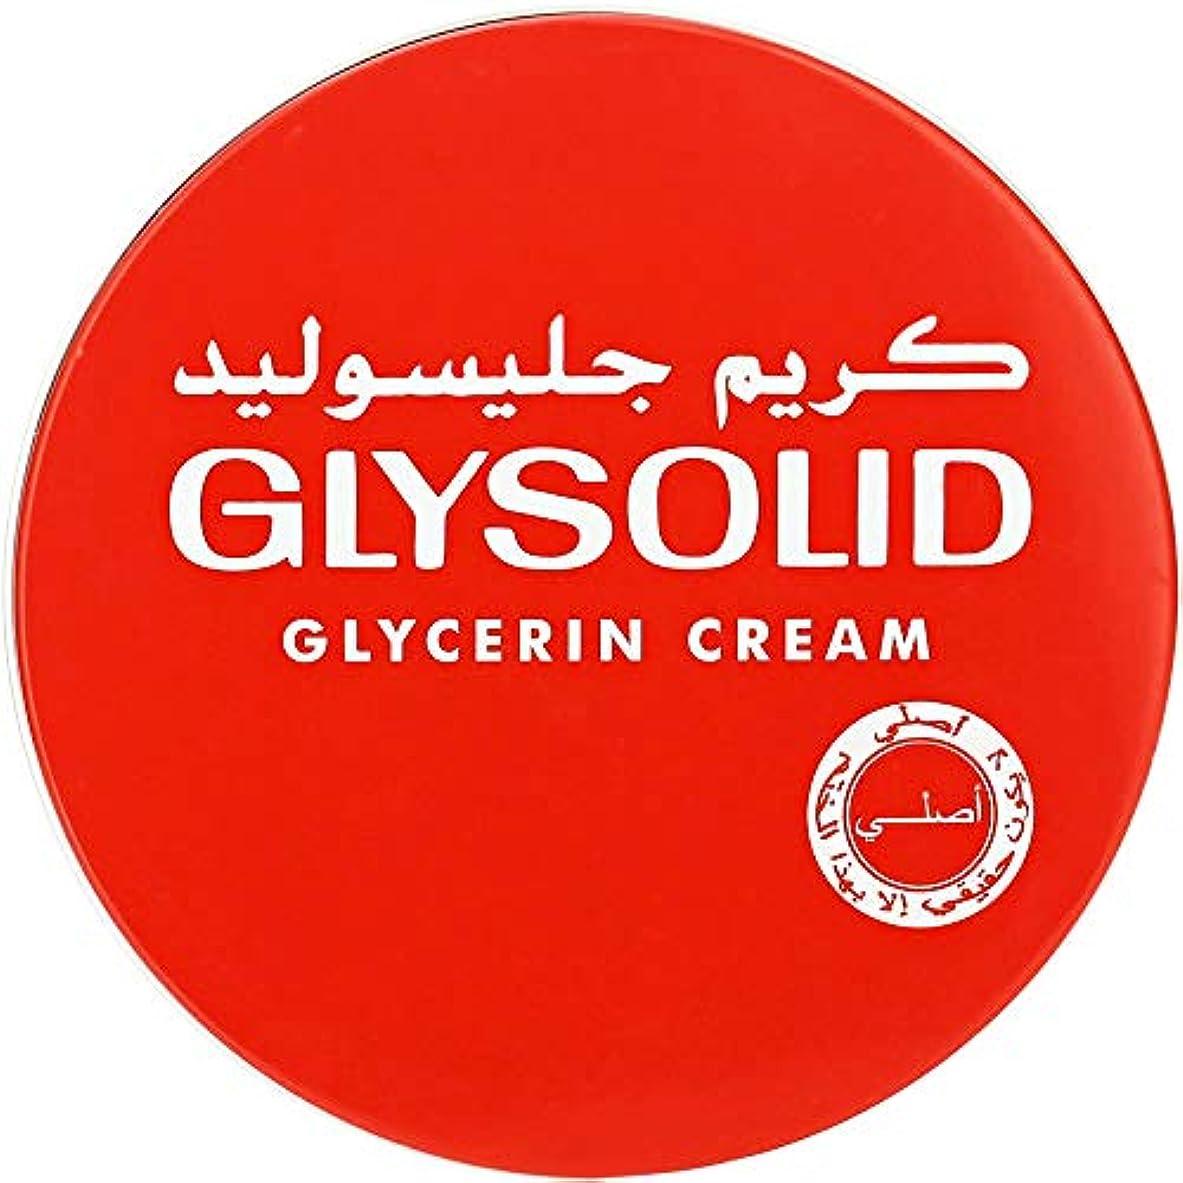 仲間優しさ仮装Glysolid Cream Face Moisturizers For Dry Skin Hands Feet Elbow Body Softening With Glycerin Keeping Your Skin...